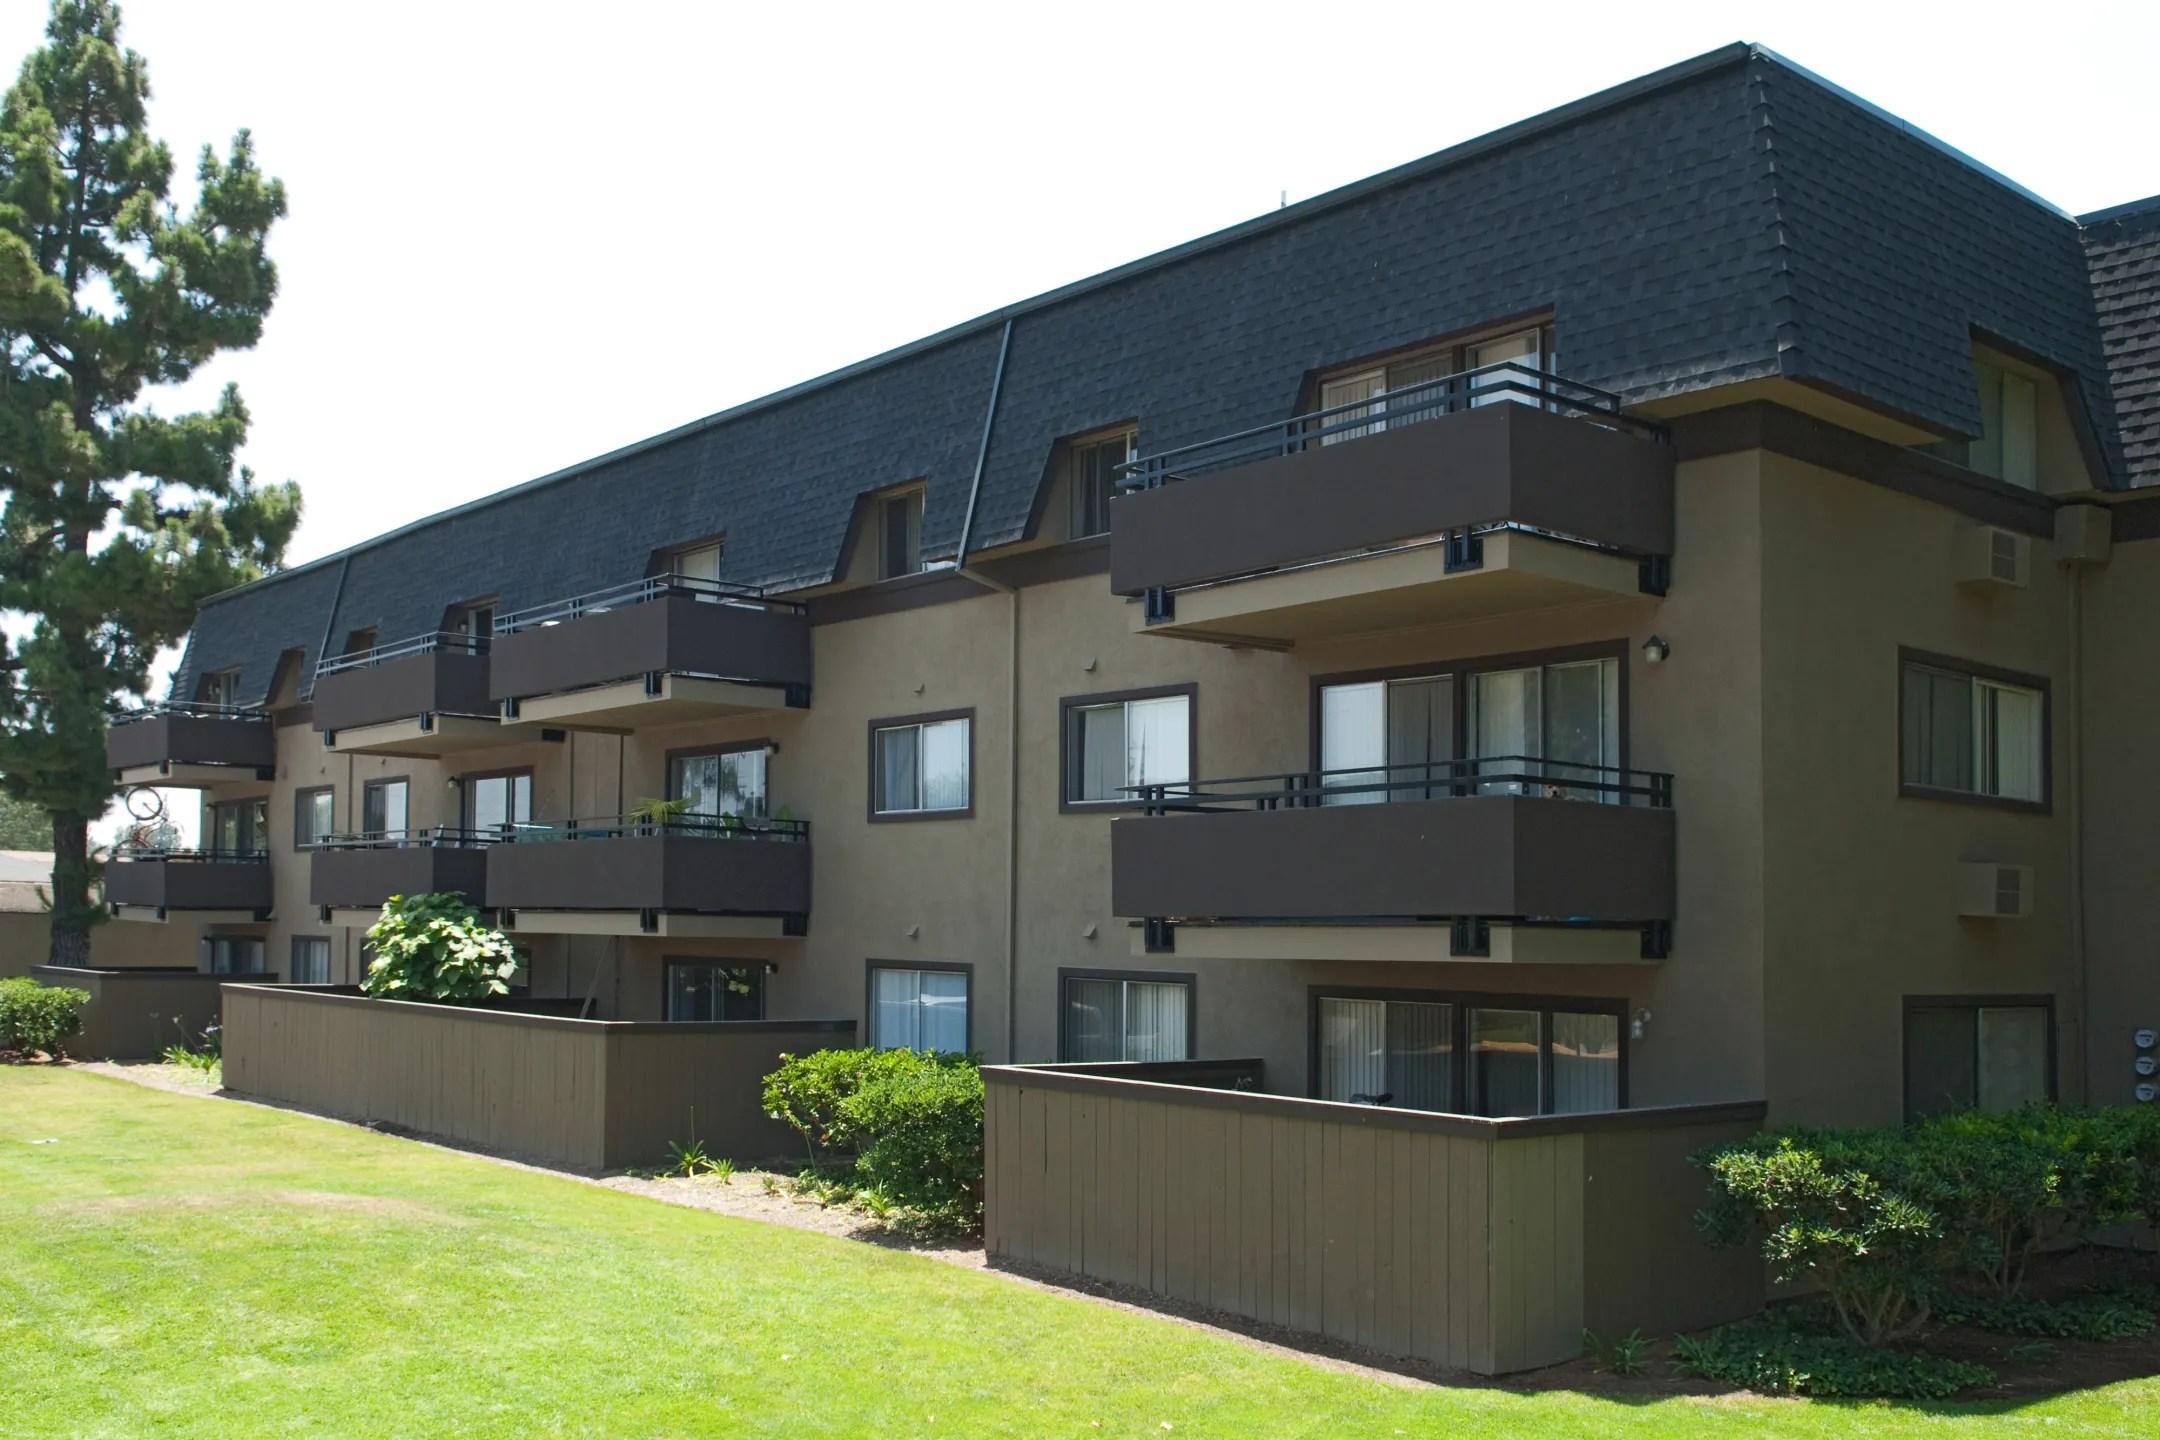 Portofino Santa Apartments Ana